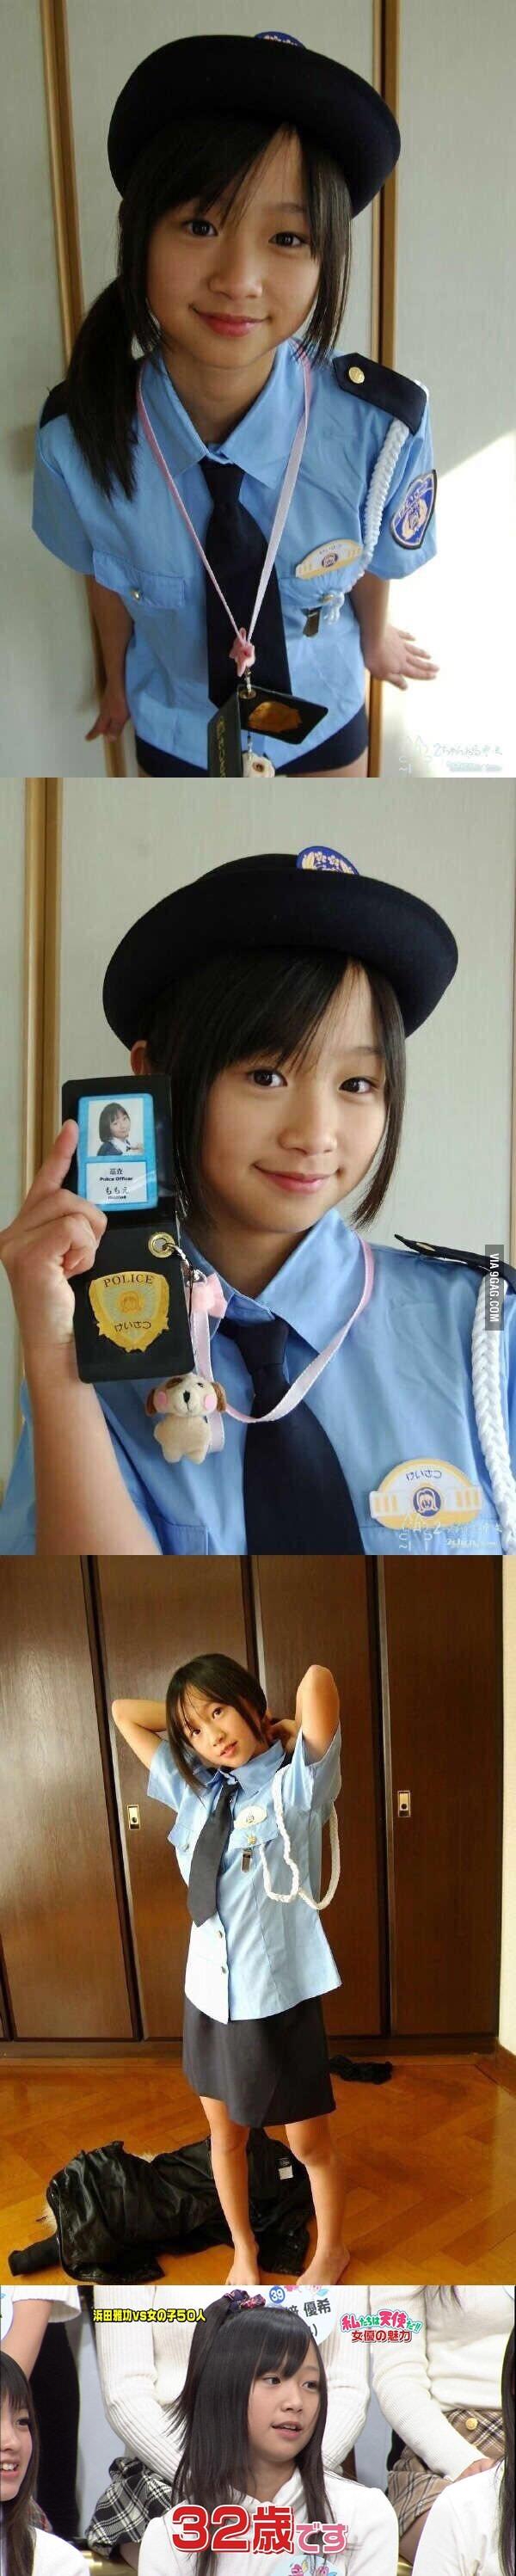 Фото азиатов девушек 16 фотография